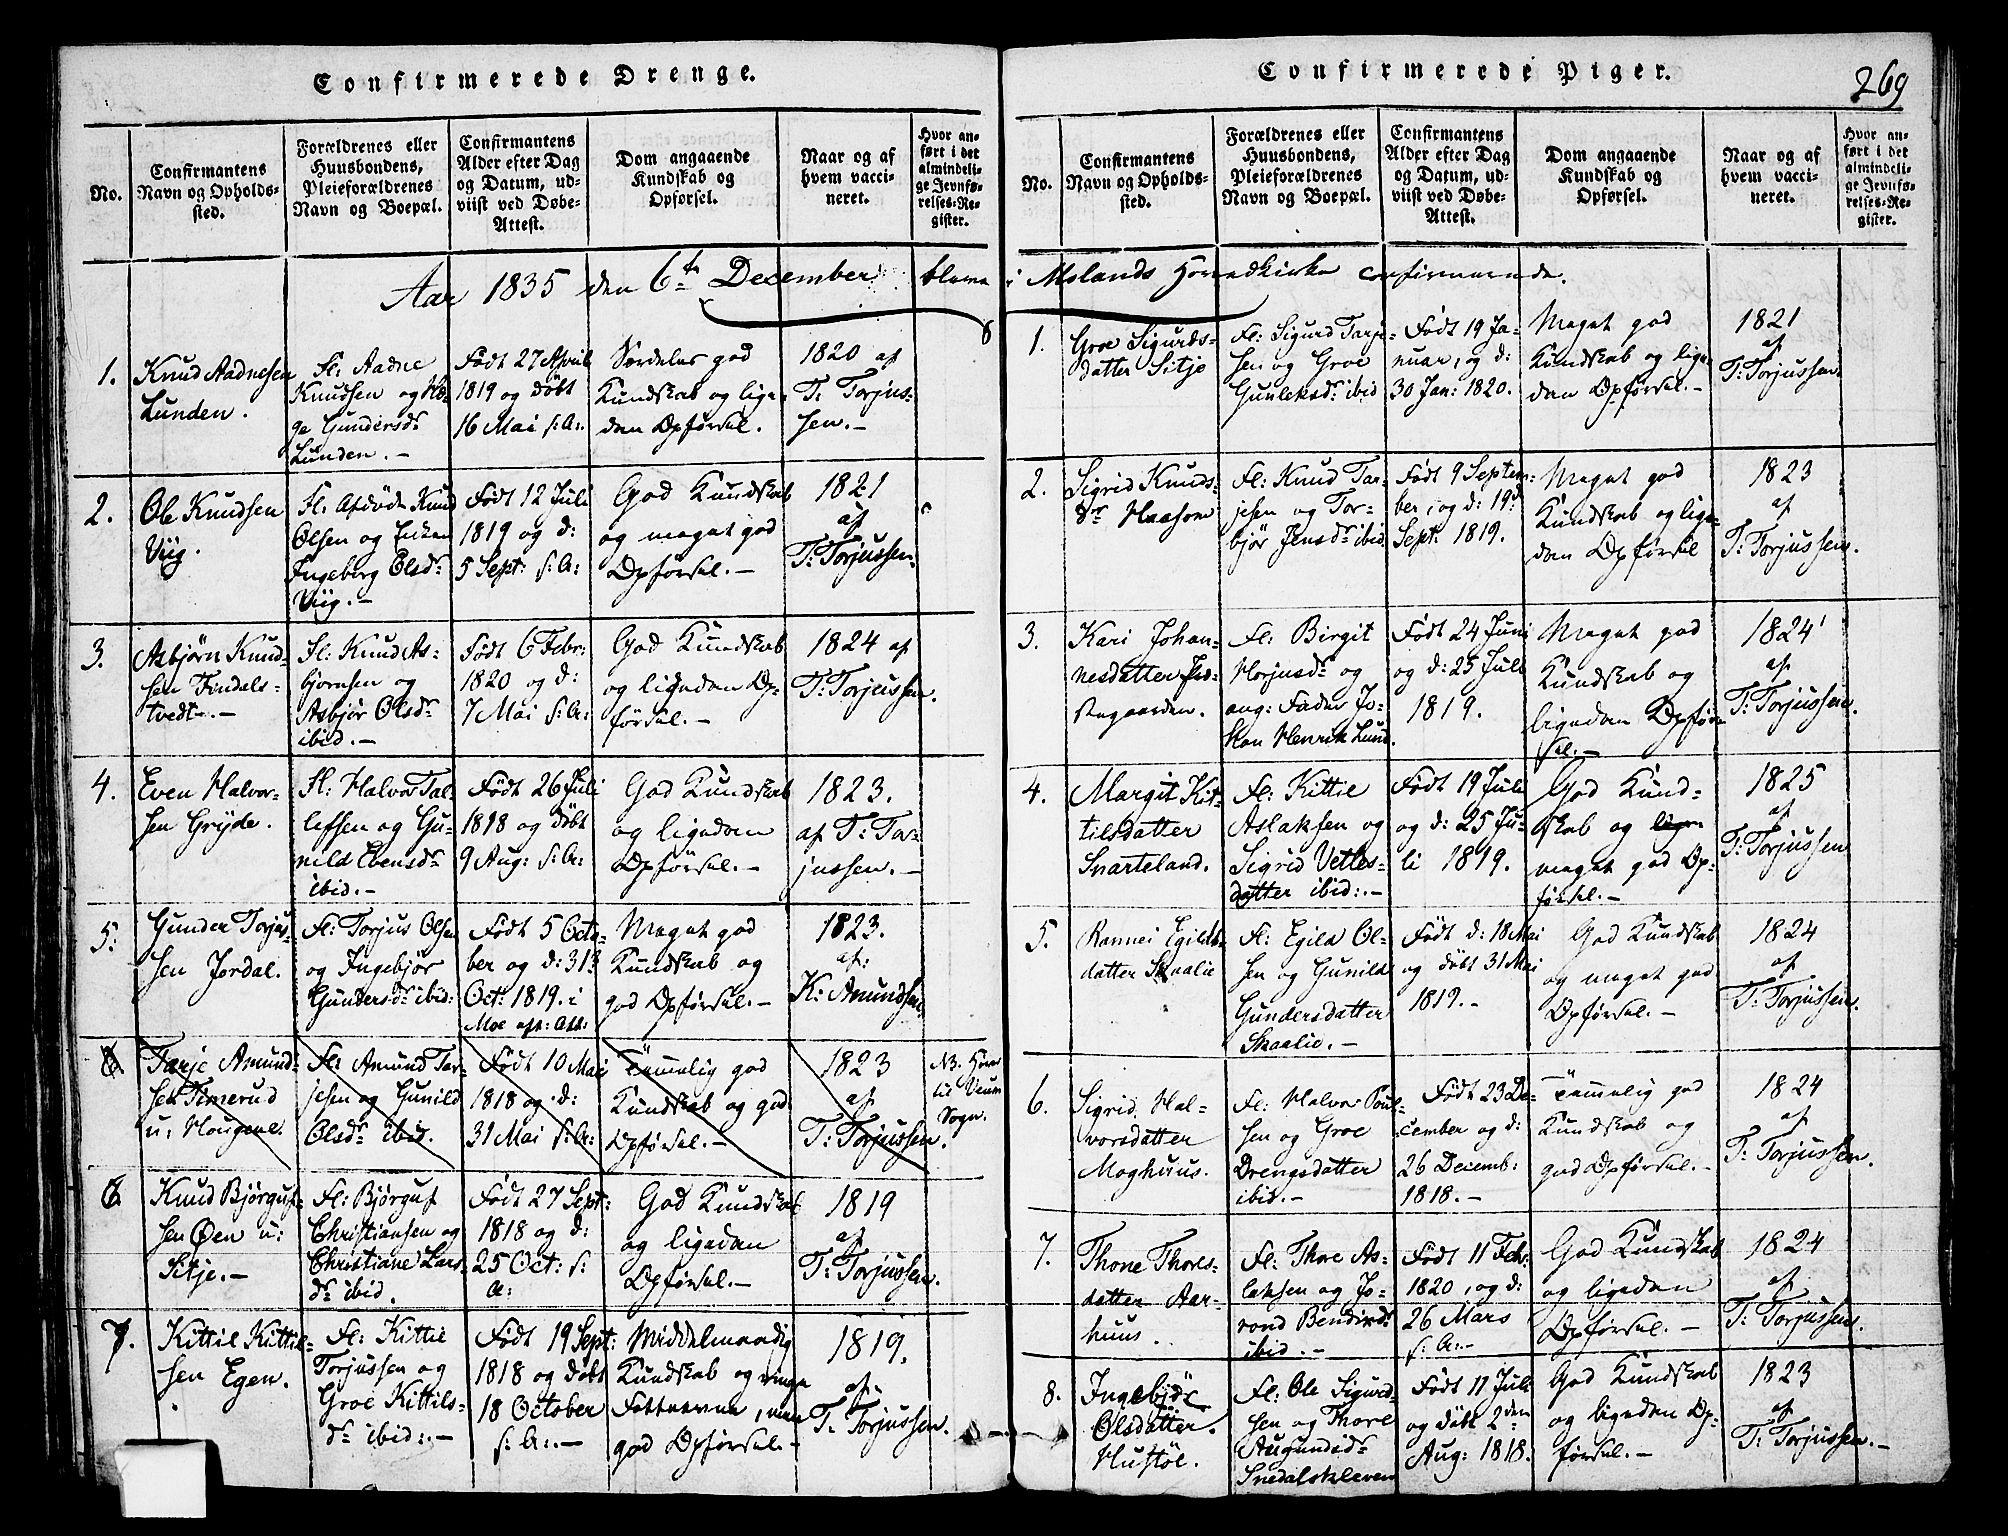 SAKO, Fyresdal kirkebøker, F/Fa/L0003: Ministerialbok nr. I 3, 1815-1840, s. 269